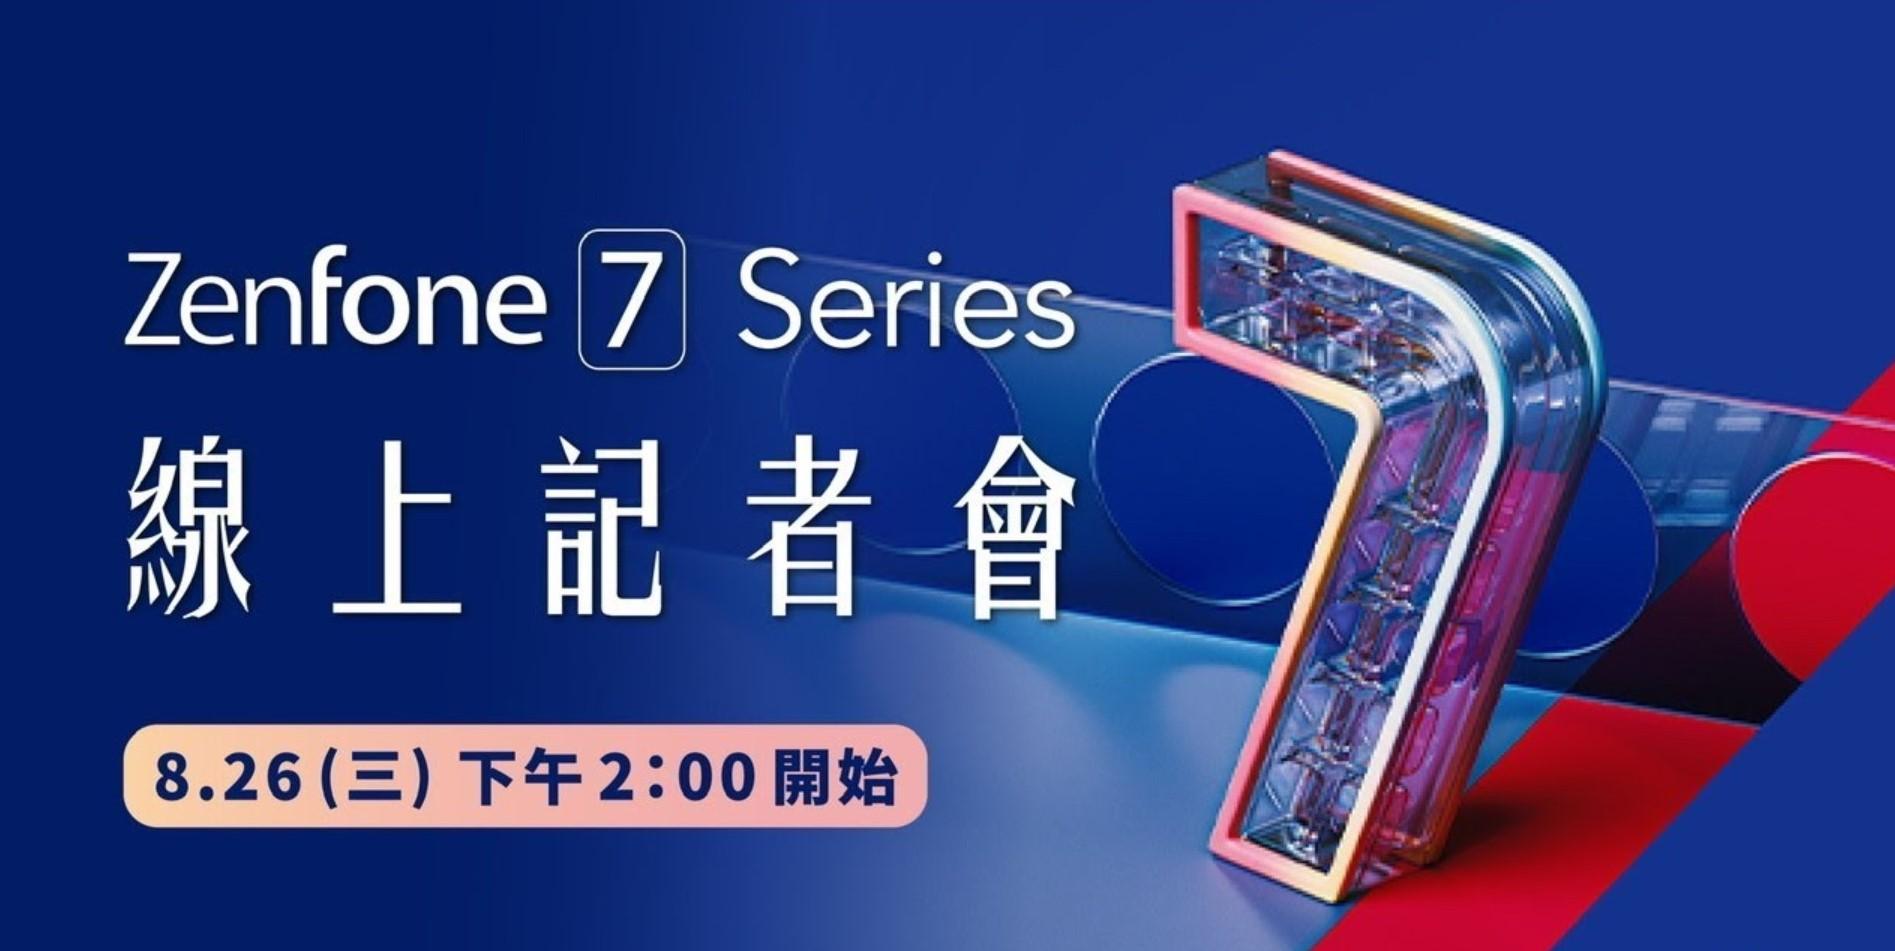 Asus przygotowuje więcej niż jednego flagowca. Premiera Asus ZenFone 7 w przyszłą środę 18 Asus ZenFone 7